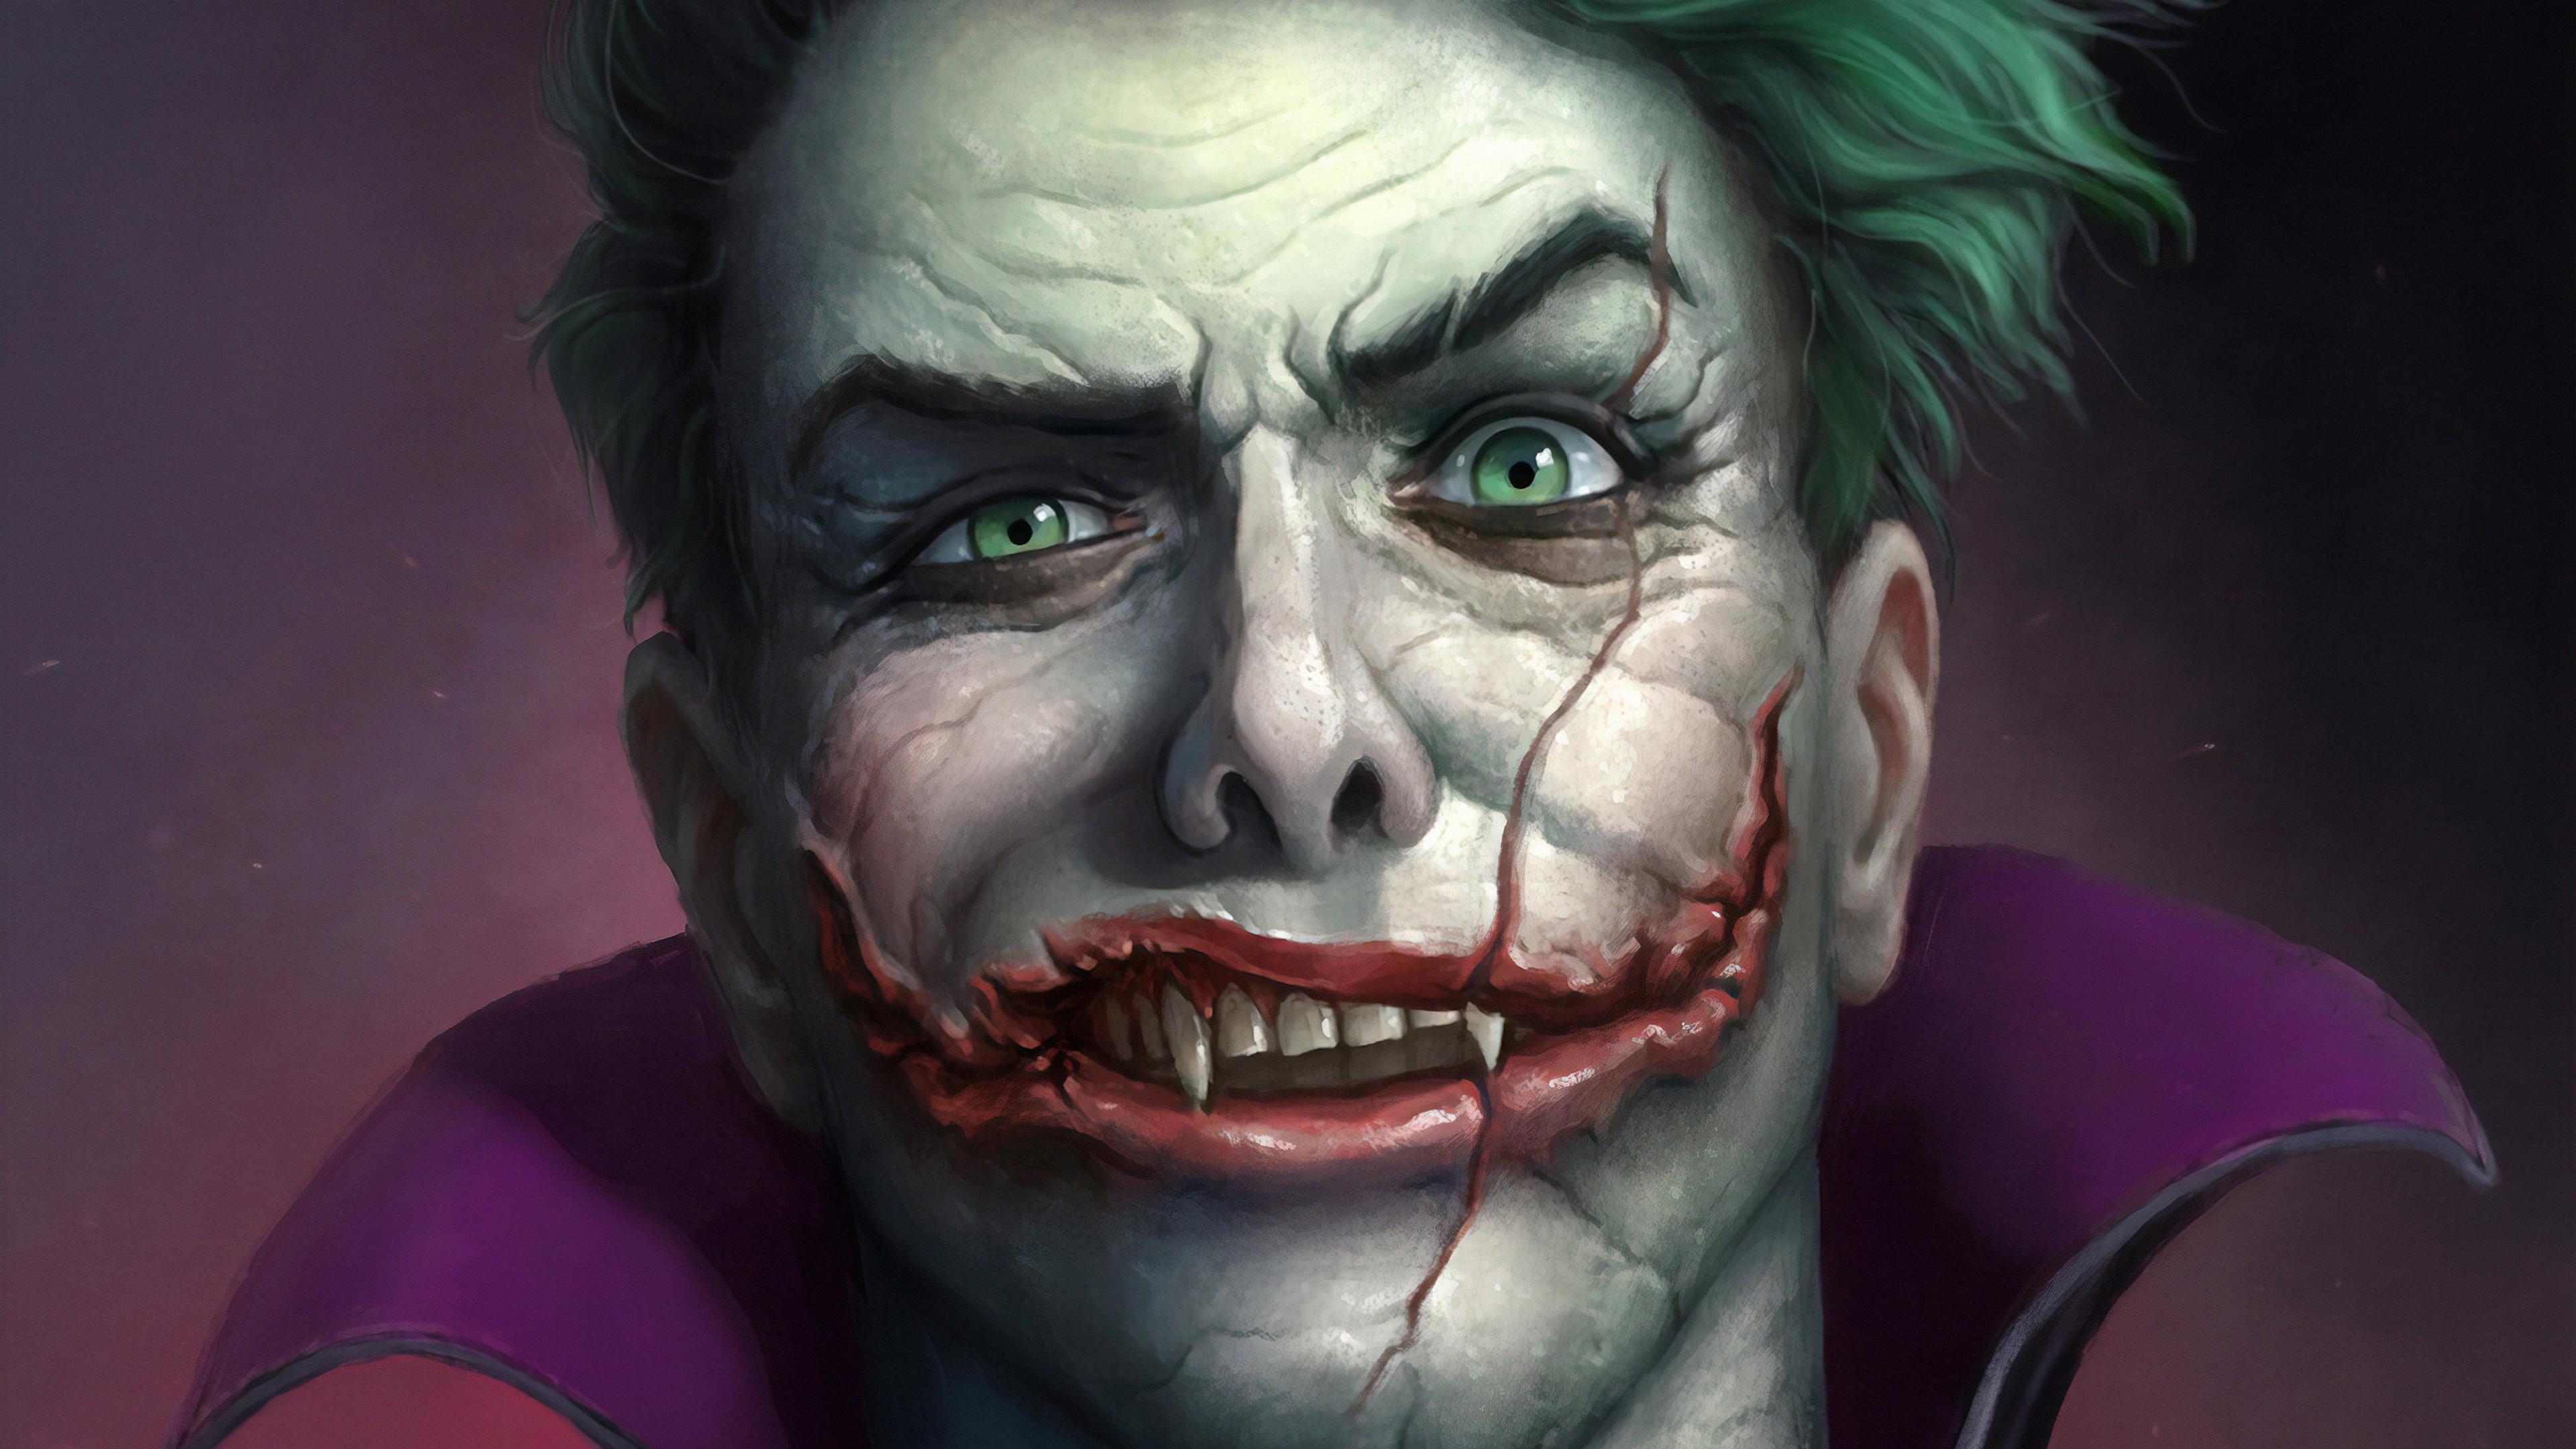 joker weird 1570393992 - Joker Weird - superheroes wallpapers, joker wallpapers, hd-wallpapers, dc comics wallpapers, artstation wallpapers, 4k-wallpapers